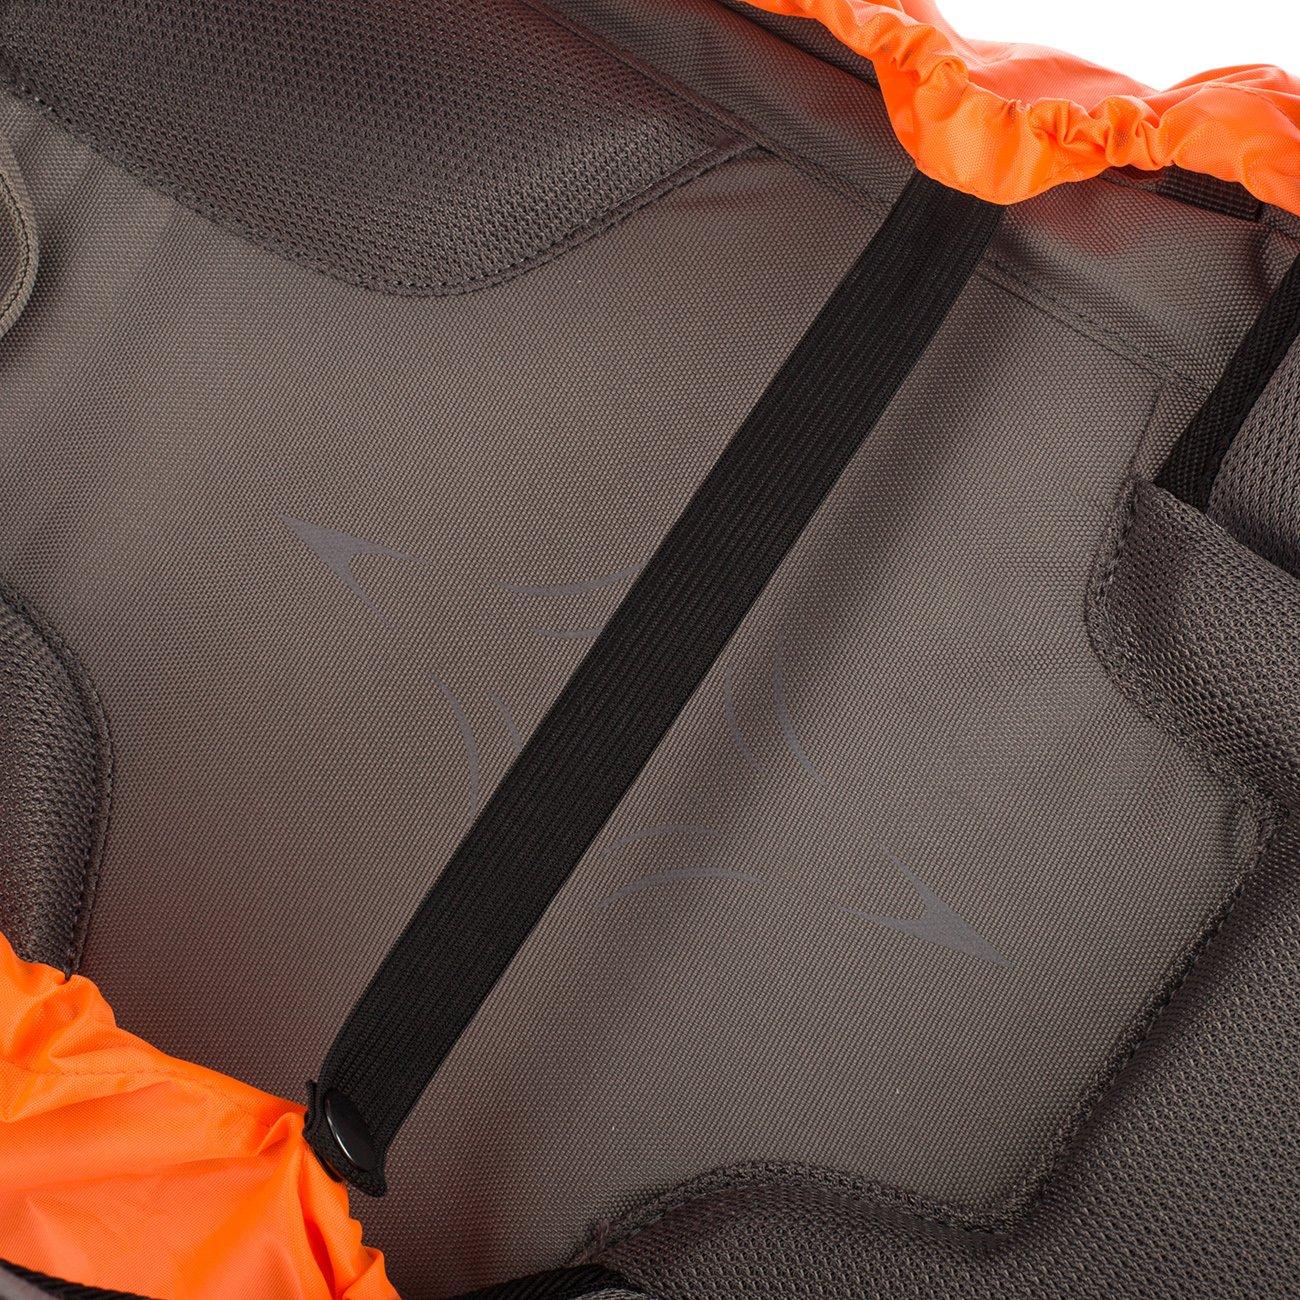 Paseos a Caballo Escalada Negro//Naranja Viajes Overmont Cubierta Impermeable Protector de Lluvia de Mochila con Cinta Reflectante para el Aire Libre